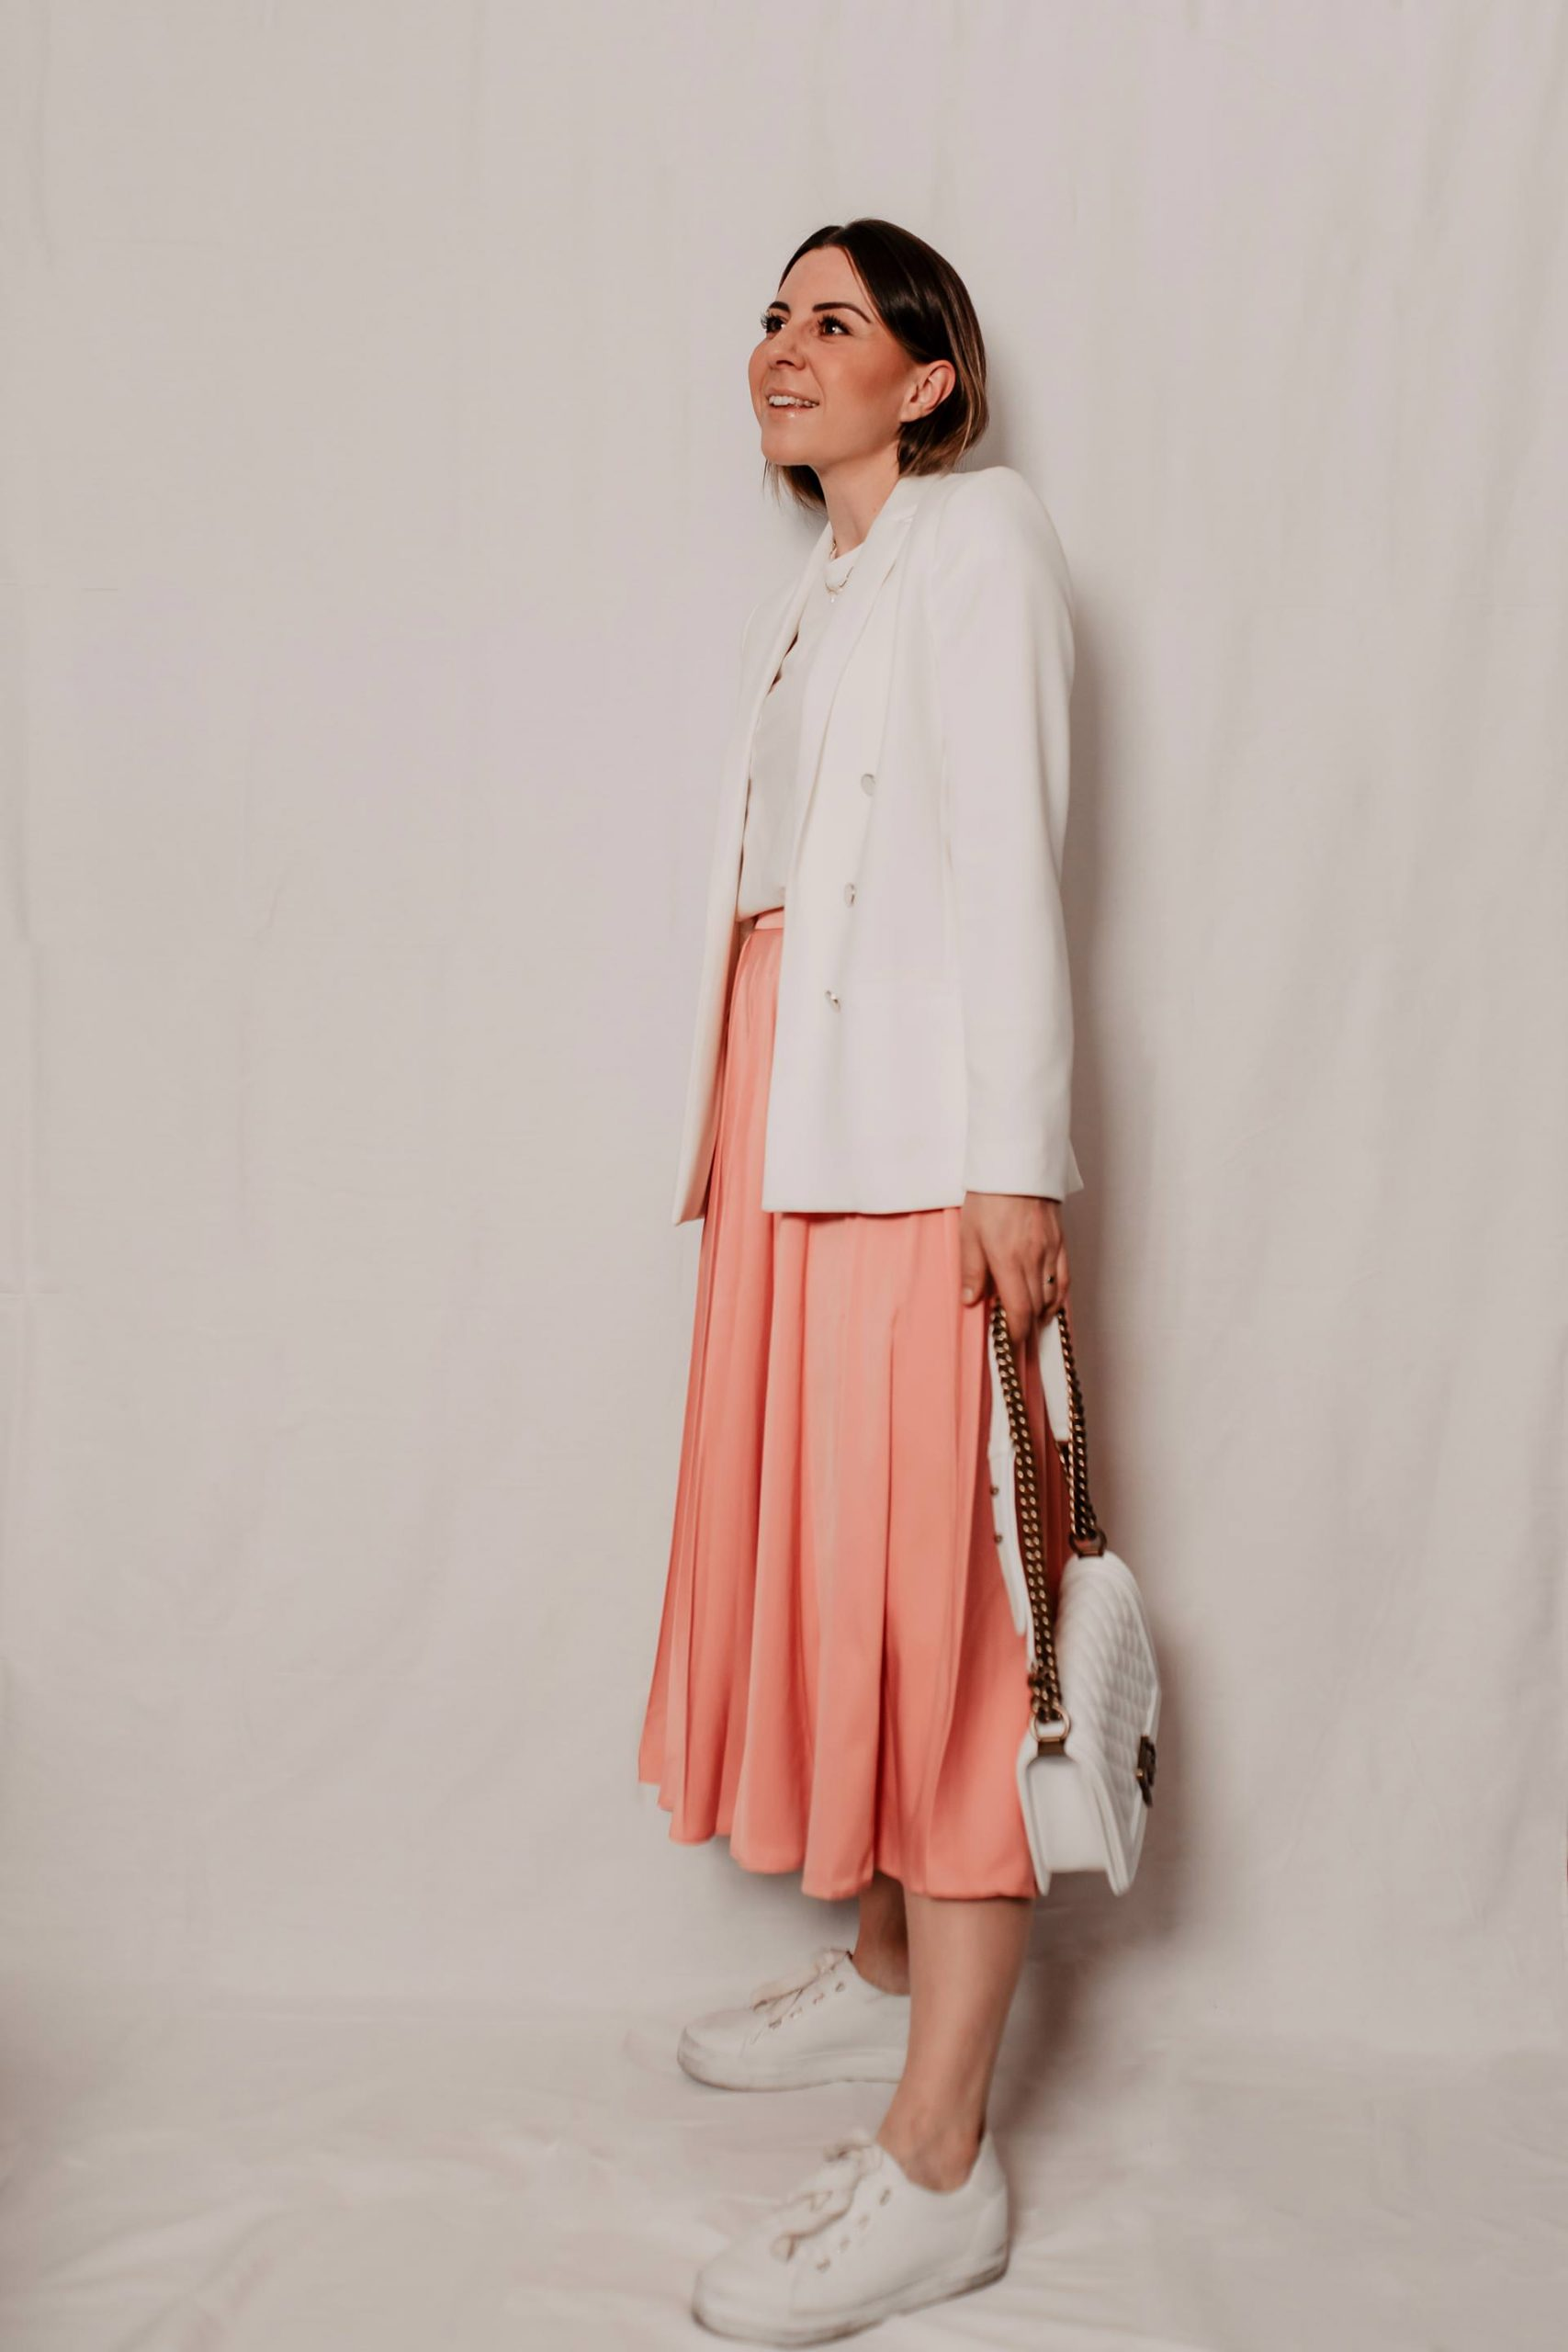 Heute widmen wir uns am Fashion Blog alltagstauglichen Frühlingsoutfits, die ohne viel Schnickschnack einiges hermachen. 5 Outfits mit Rock hab ich für dich und damit auch 5 modische Antworten auf die Was ziehe ich im Frühling an? Frage. www.whoismocca.com #frühlingsoutfits #lookbook #modeblog